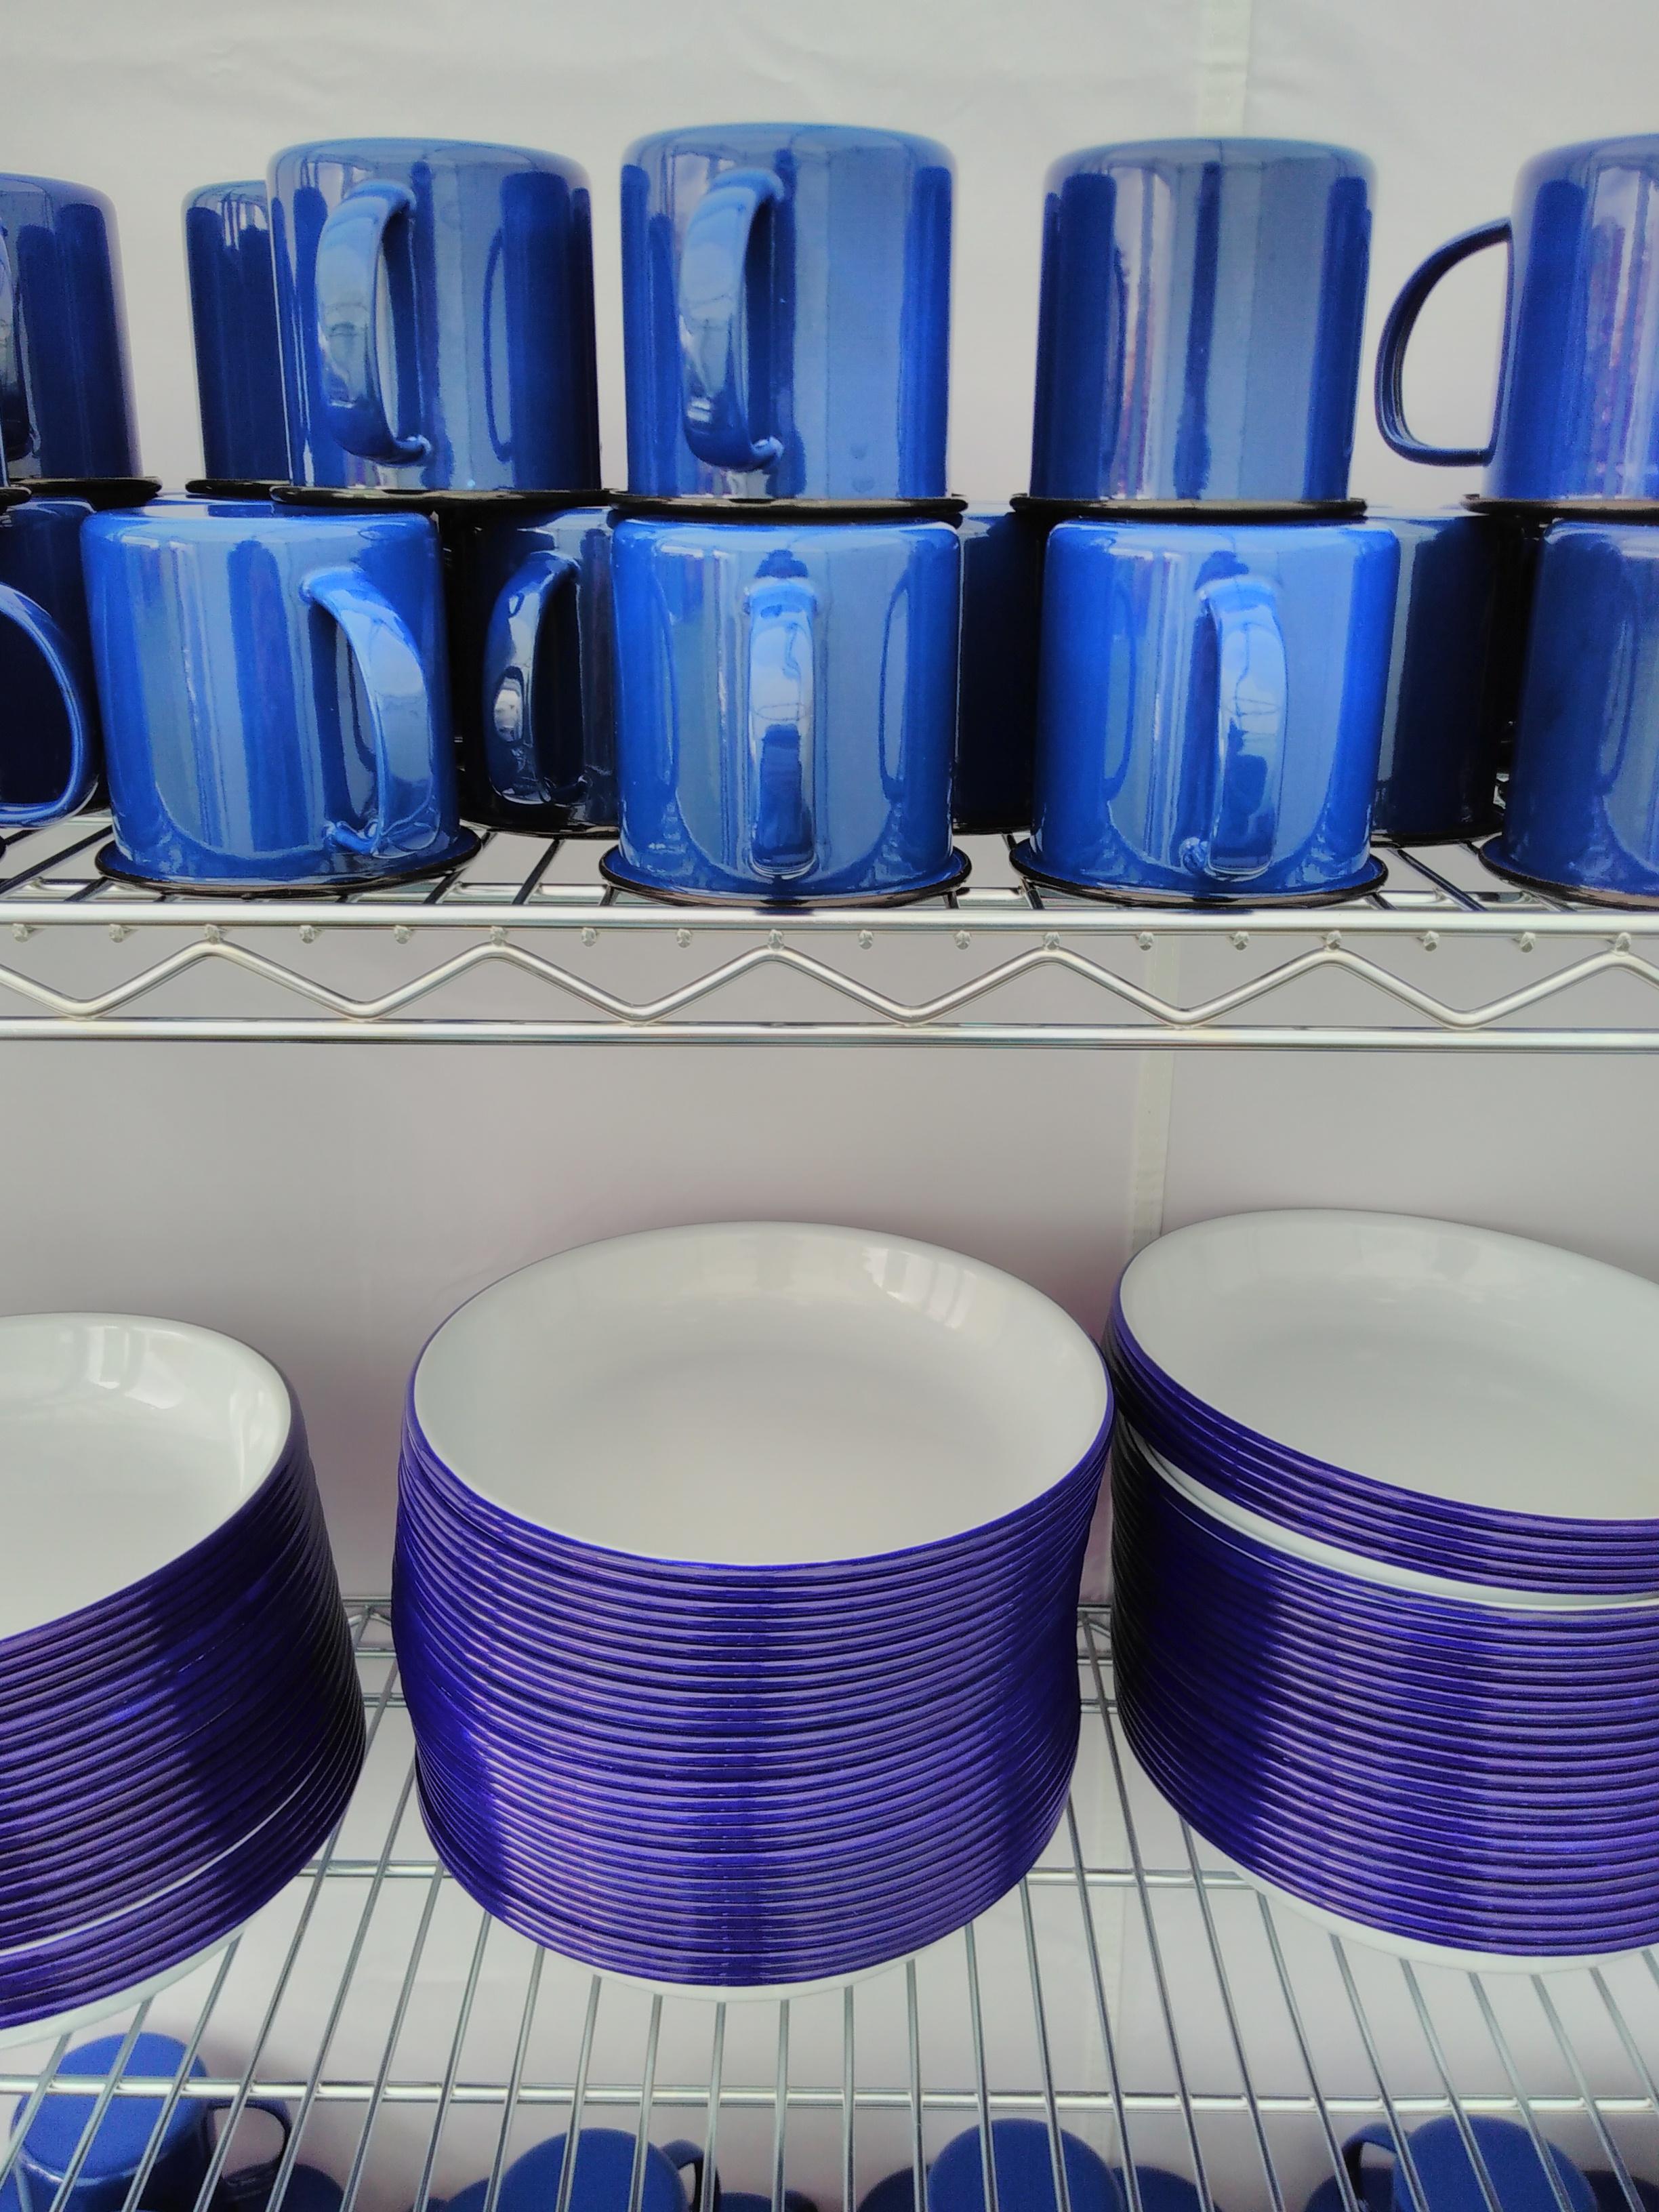 Plates & mugs on shelves.jpg